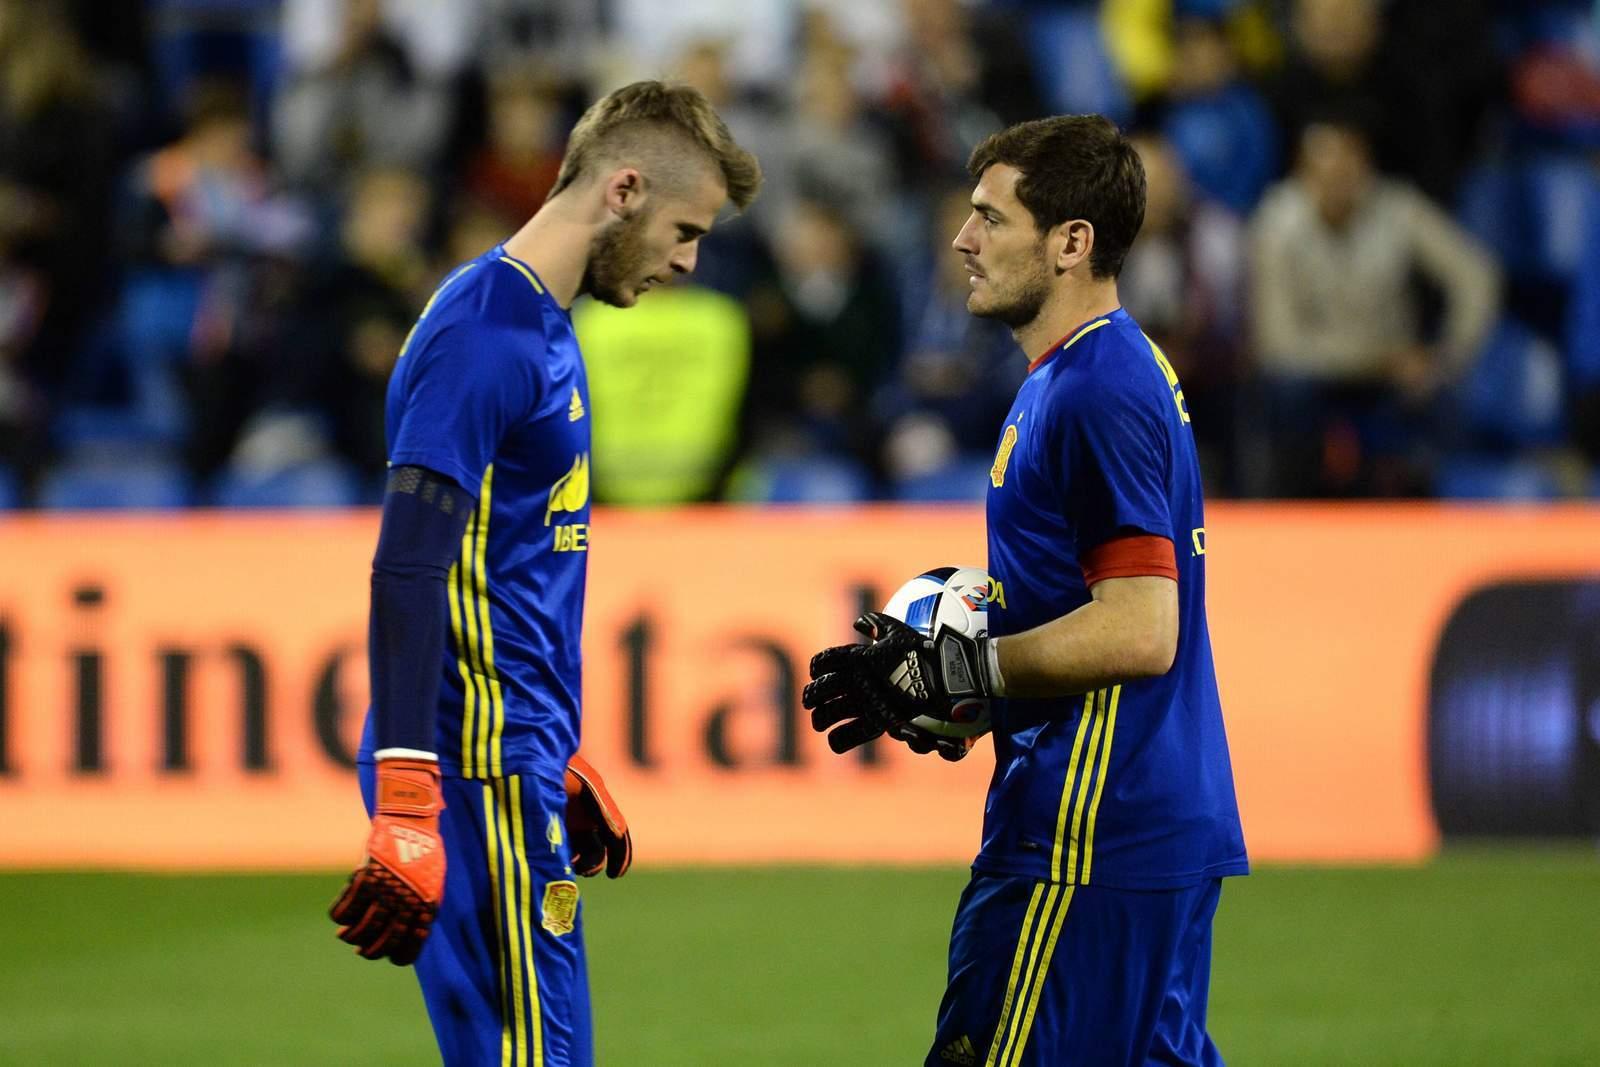 De Gea oder Casillas - wer steht im Tor? Jetzt auf Spanien vs Tschechien wetten